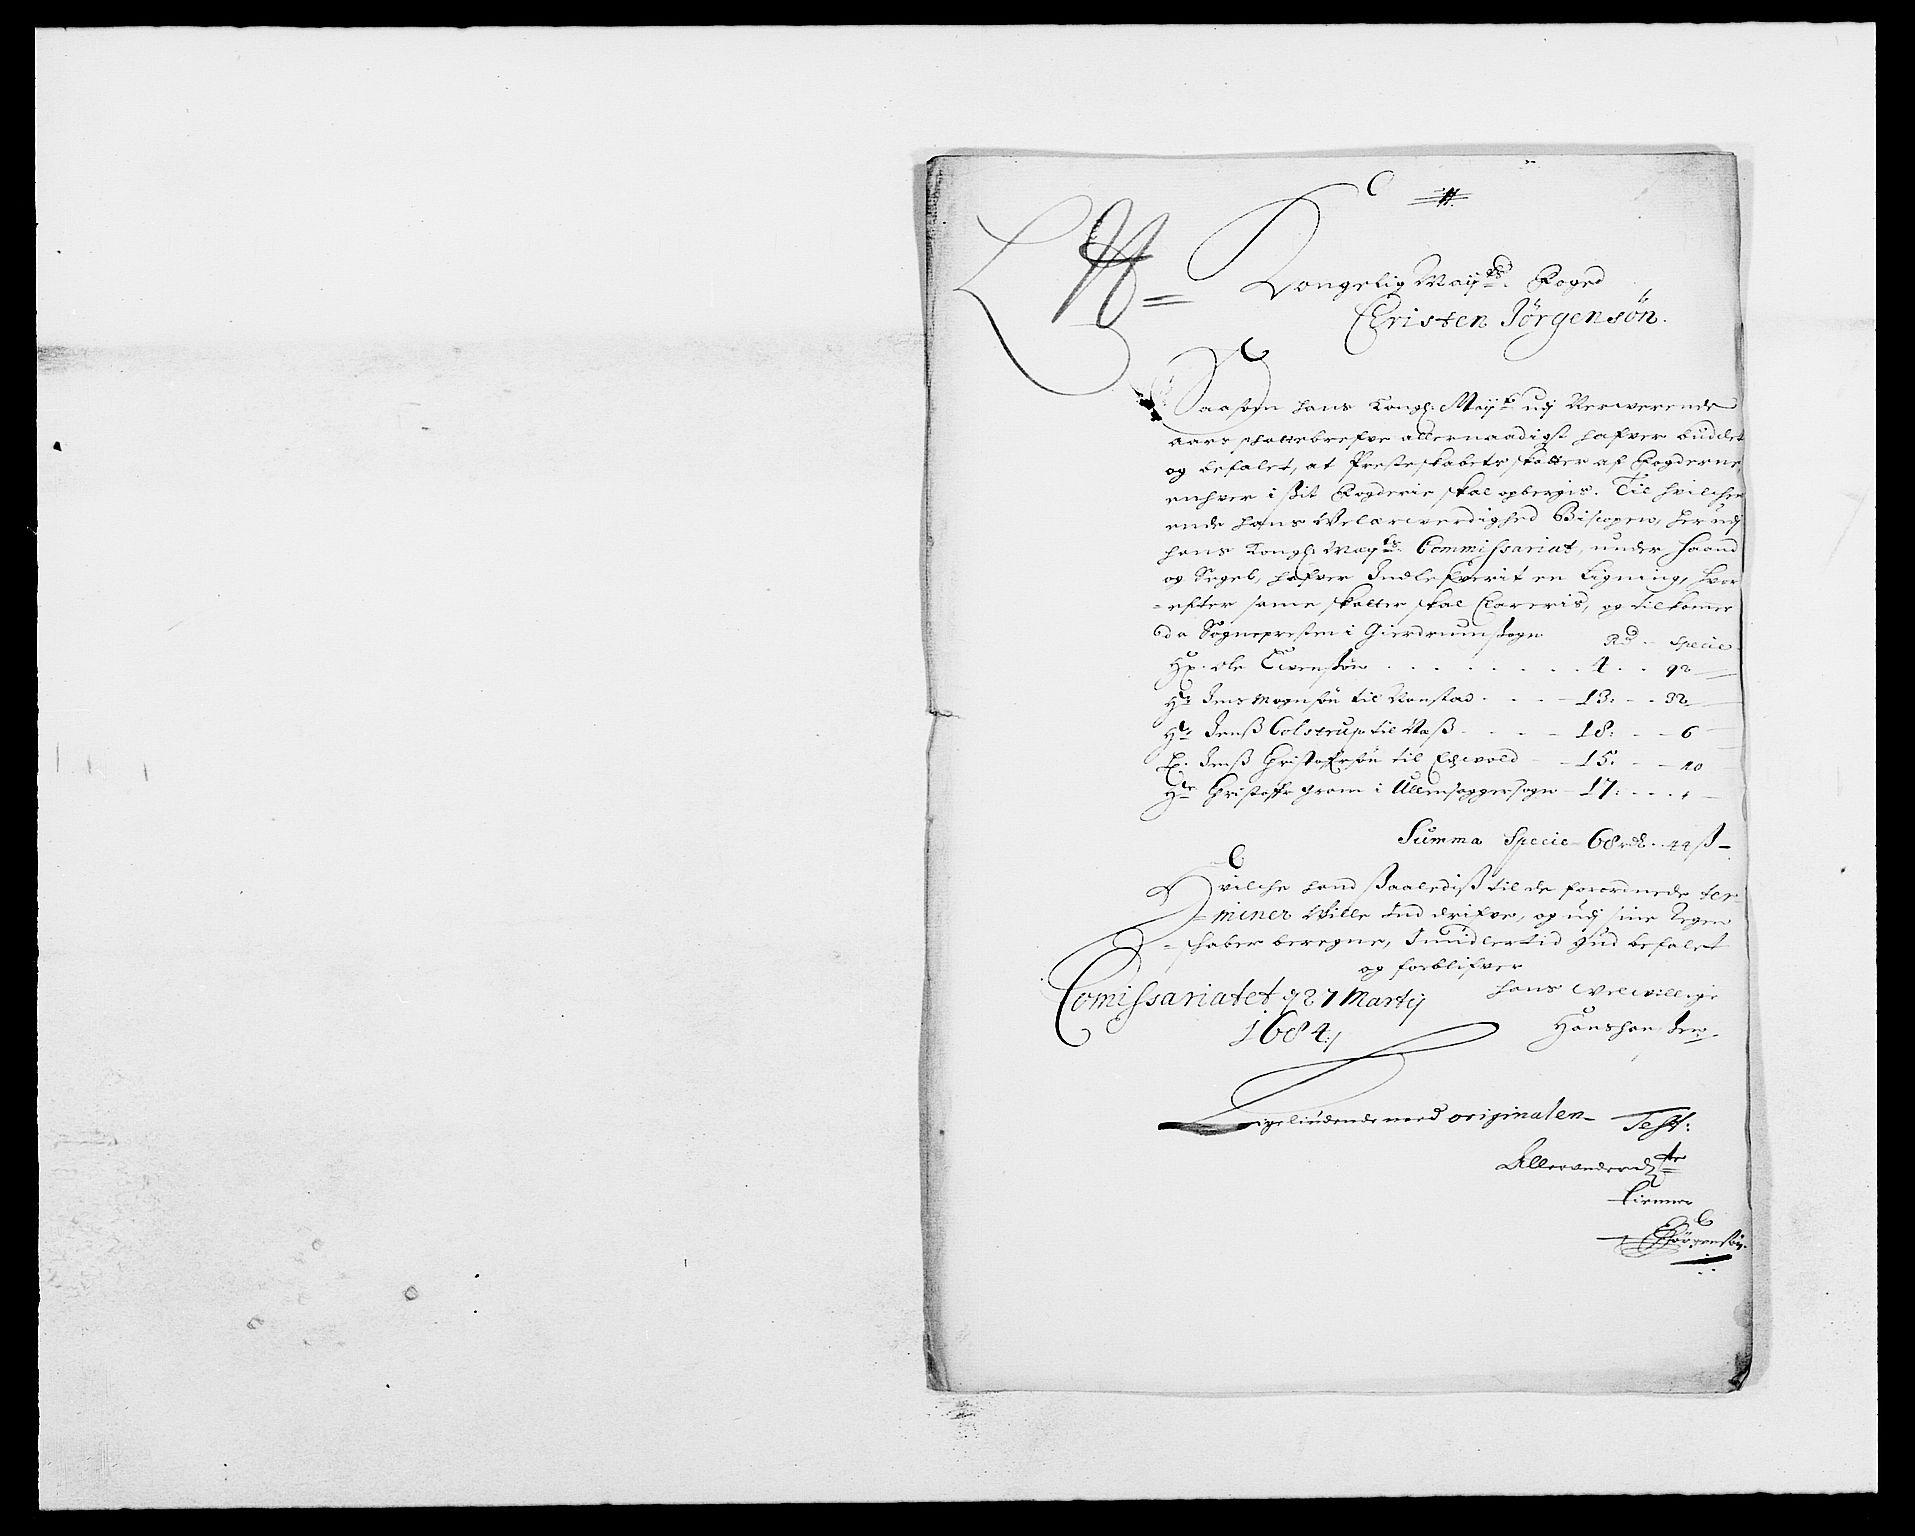 RA, Rentekammeret inntil 1814, Reviderte regnskaper, Fogderegnskap, R12/L0698: Fogderegnskap Øvre Romerike, 1684, s. 91